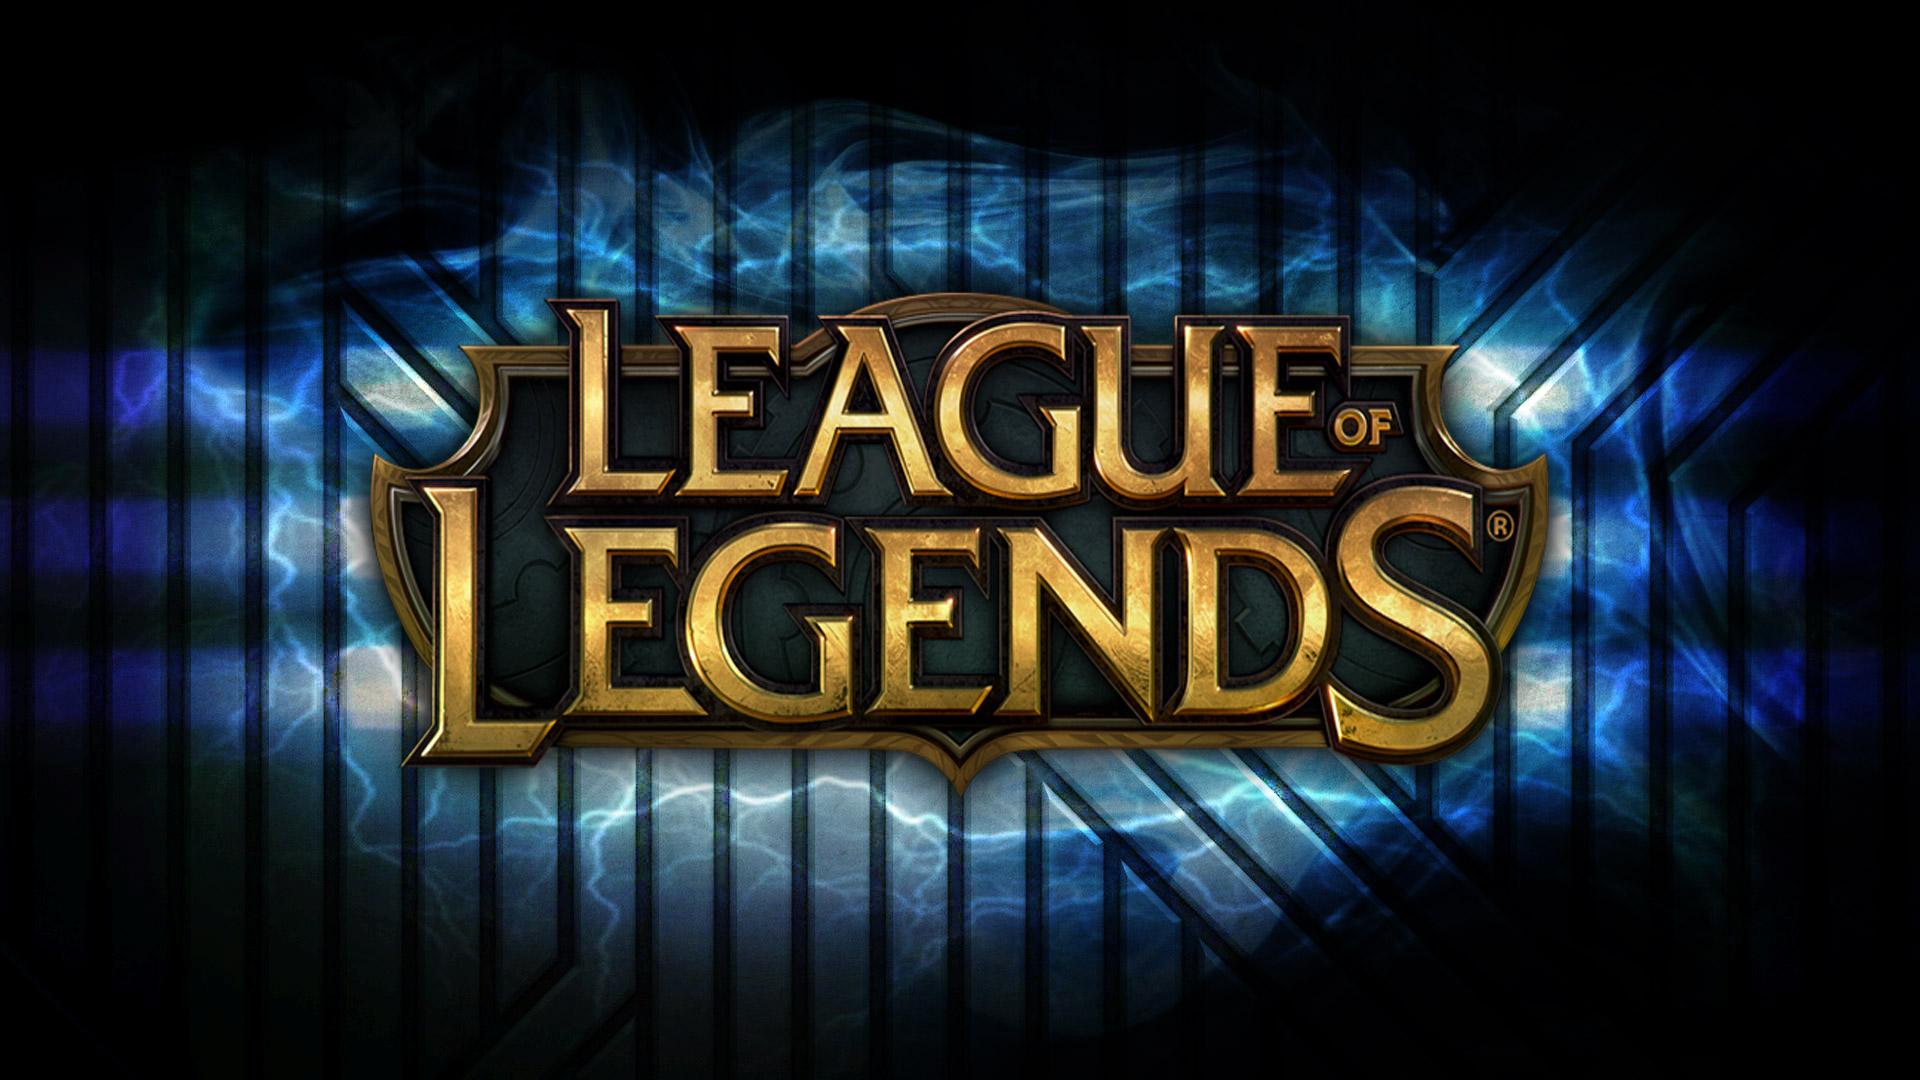 league-of-legends-logo-wallpaper-21.jpg